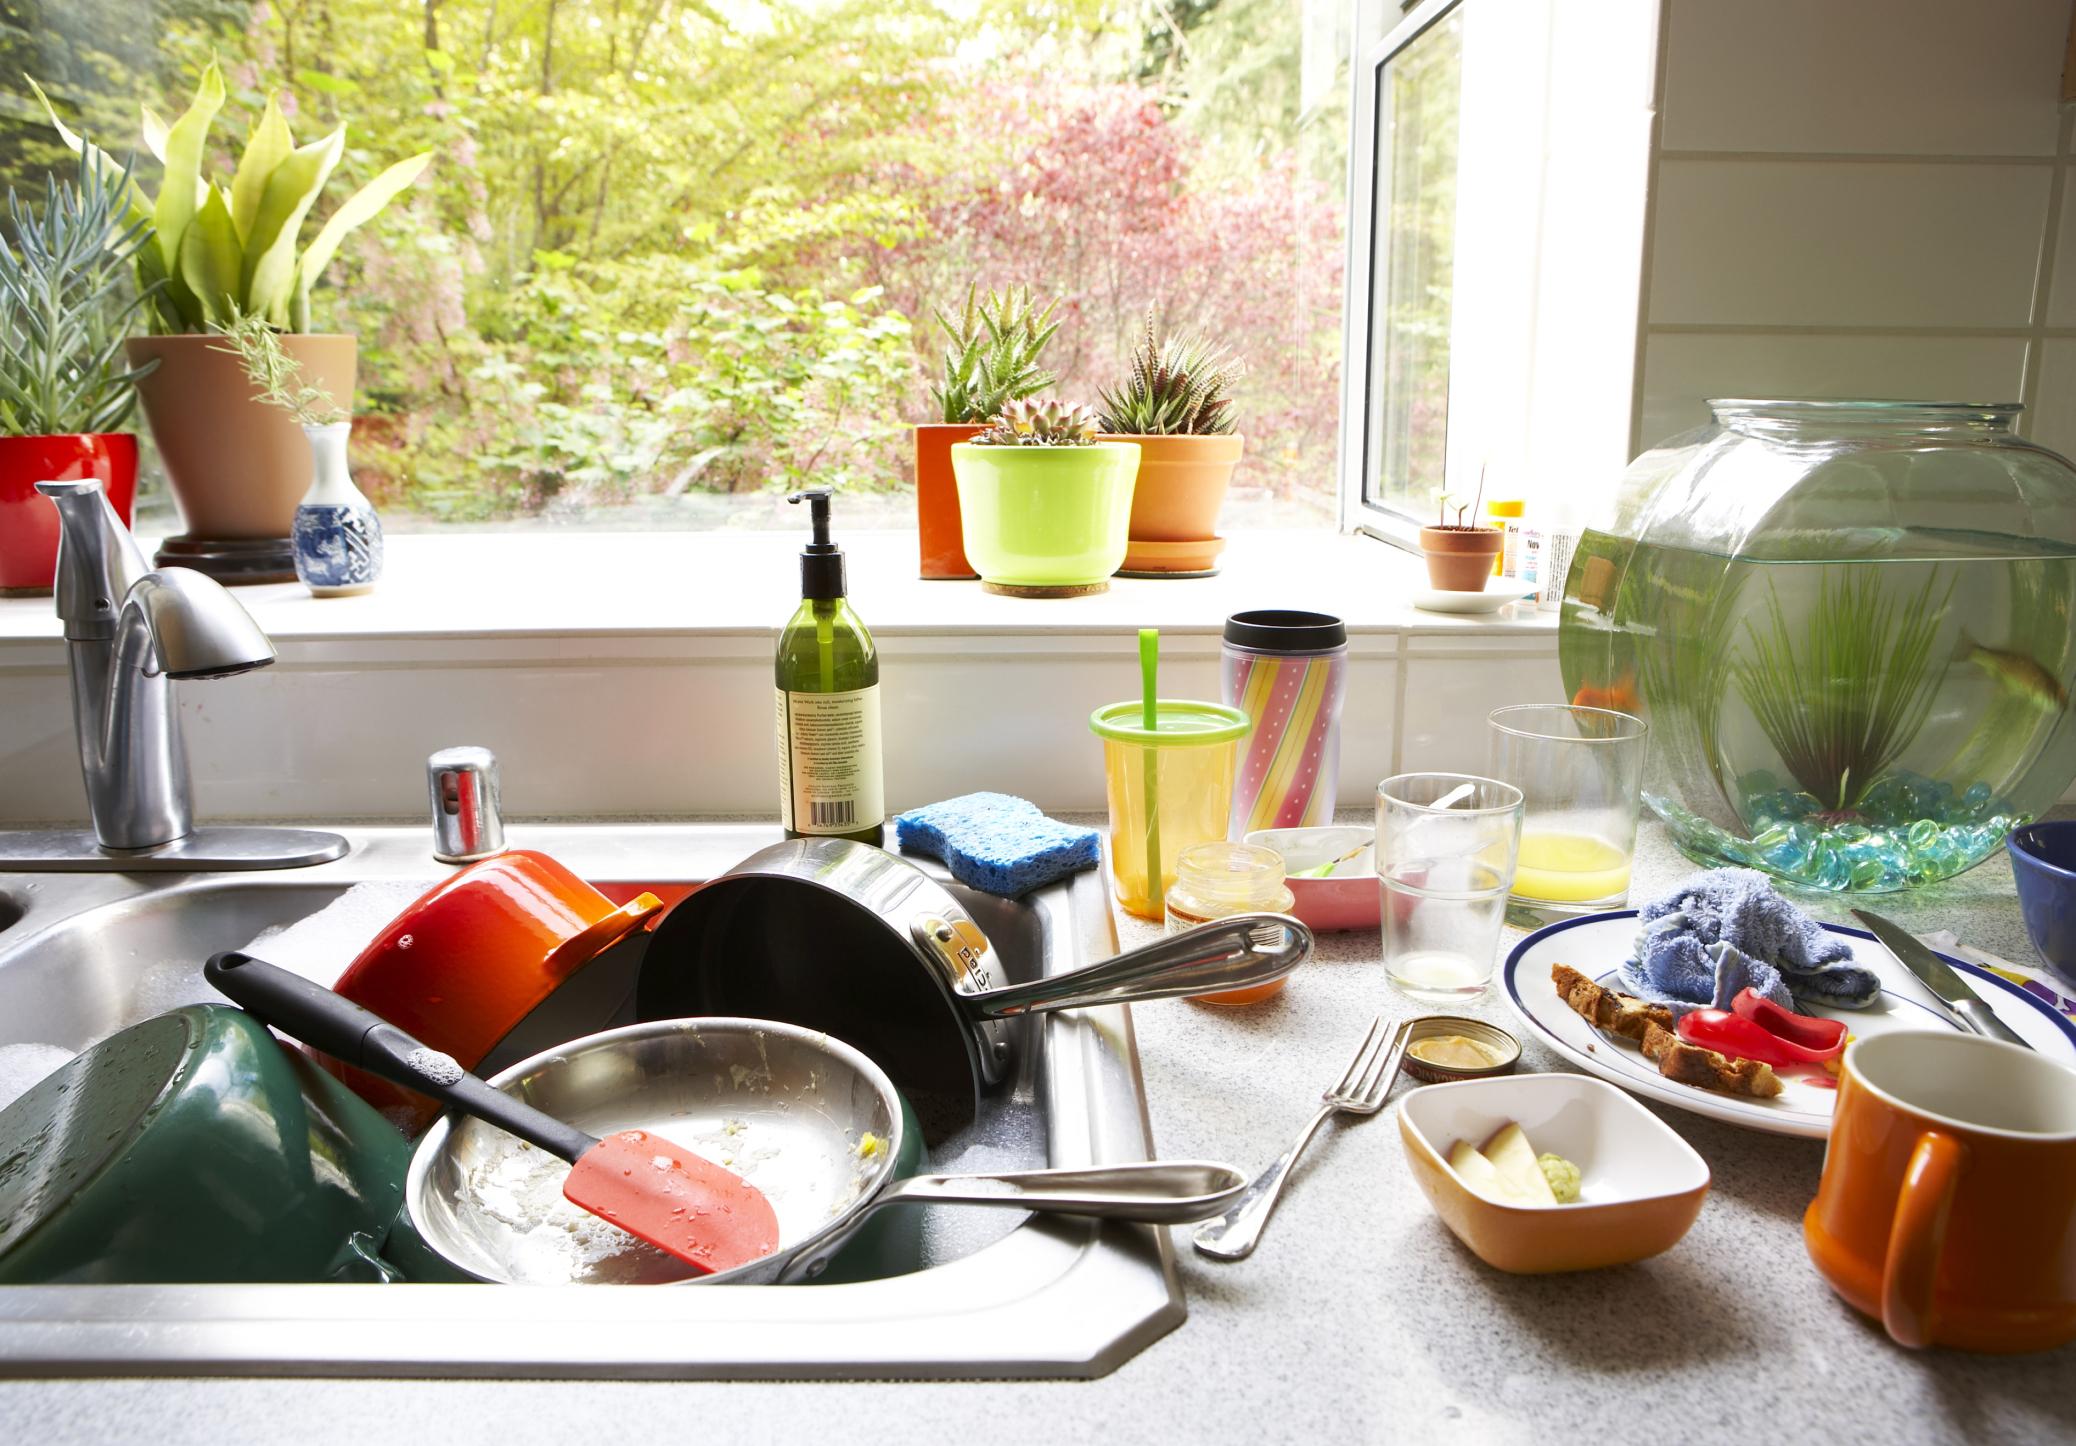 Никога не оставят мръсните чинии от закуска, обяд или вечеря. Винаги ги мият или оставят в миялната машина